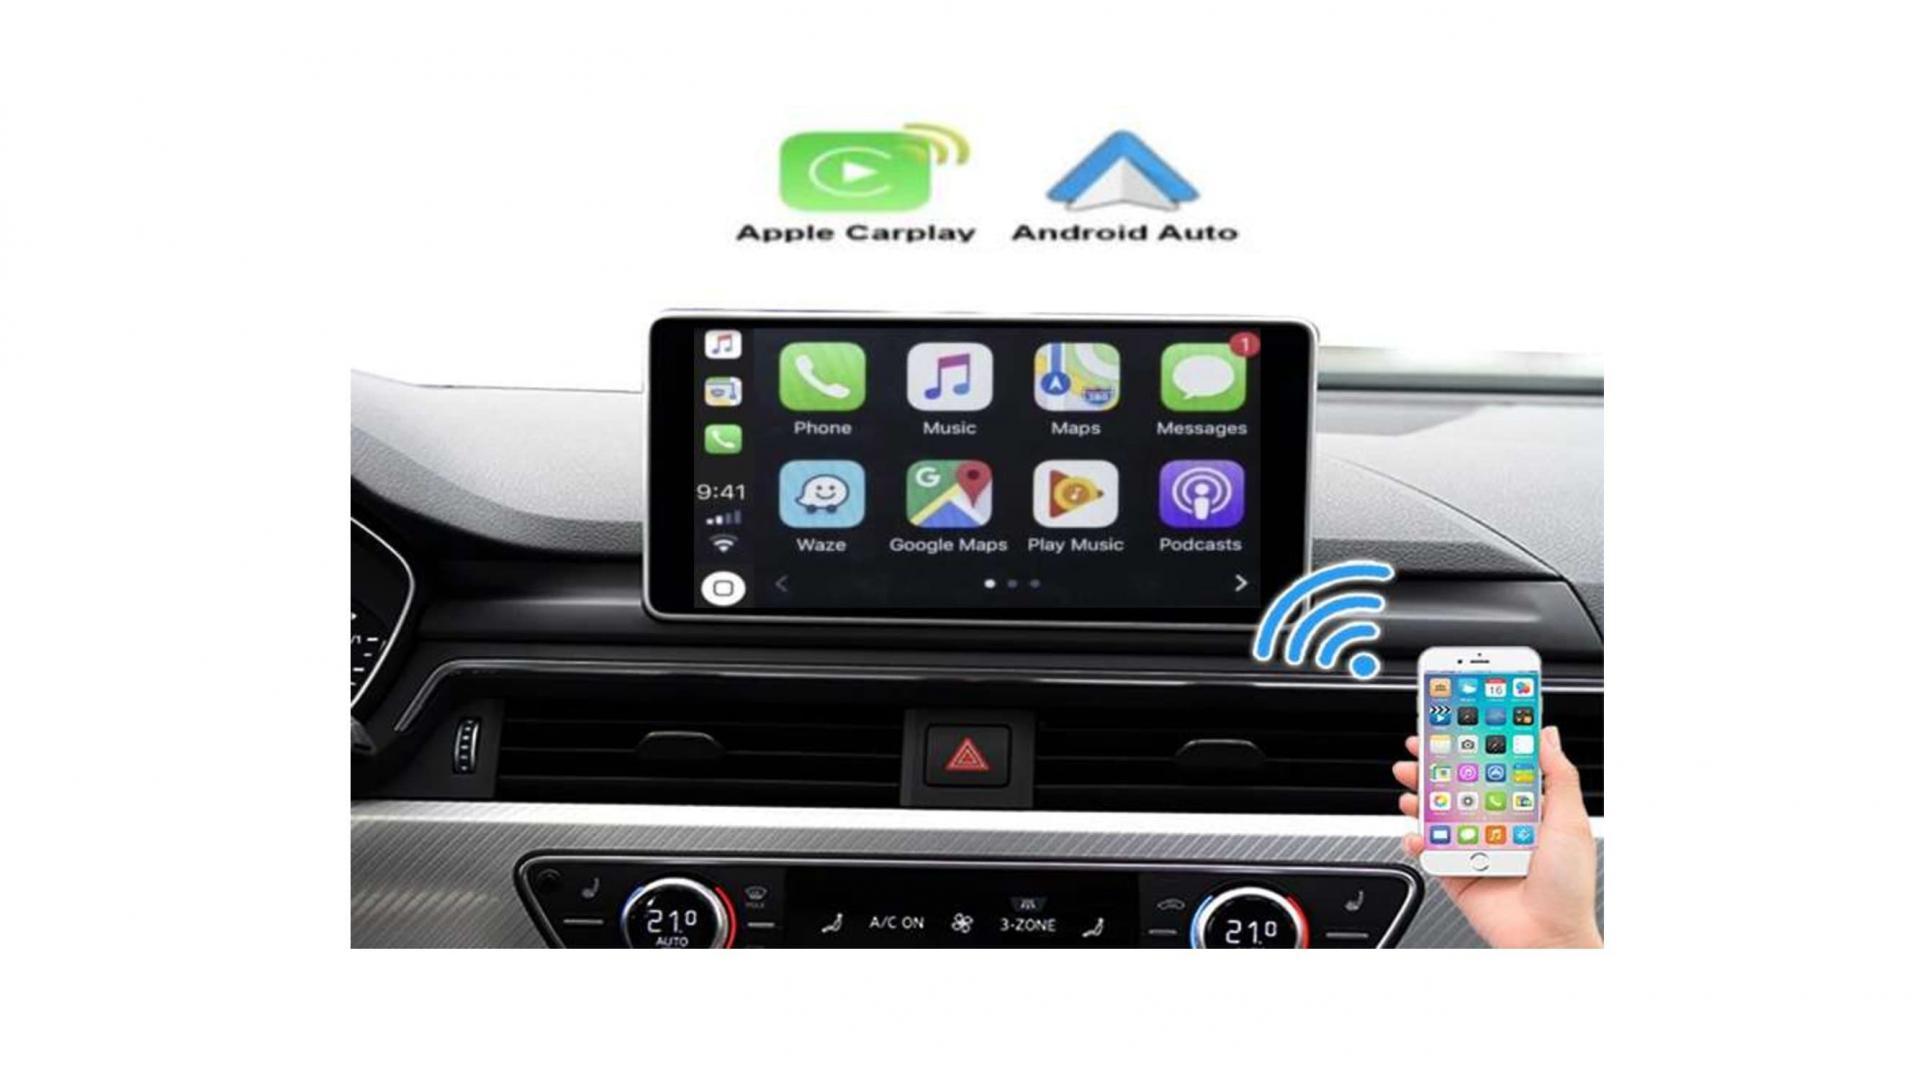 Mercedes amg gt sls sprinter ml classe g w463 5 v x cls gle glk slk ml gl slc b cla gla glb ntg4 0 ntg 5 0 ntg4 5 c w204 sl r231 carplay android auto gps autoradio 2010 2011 2012 2